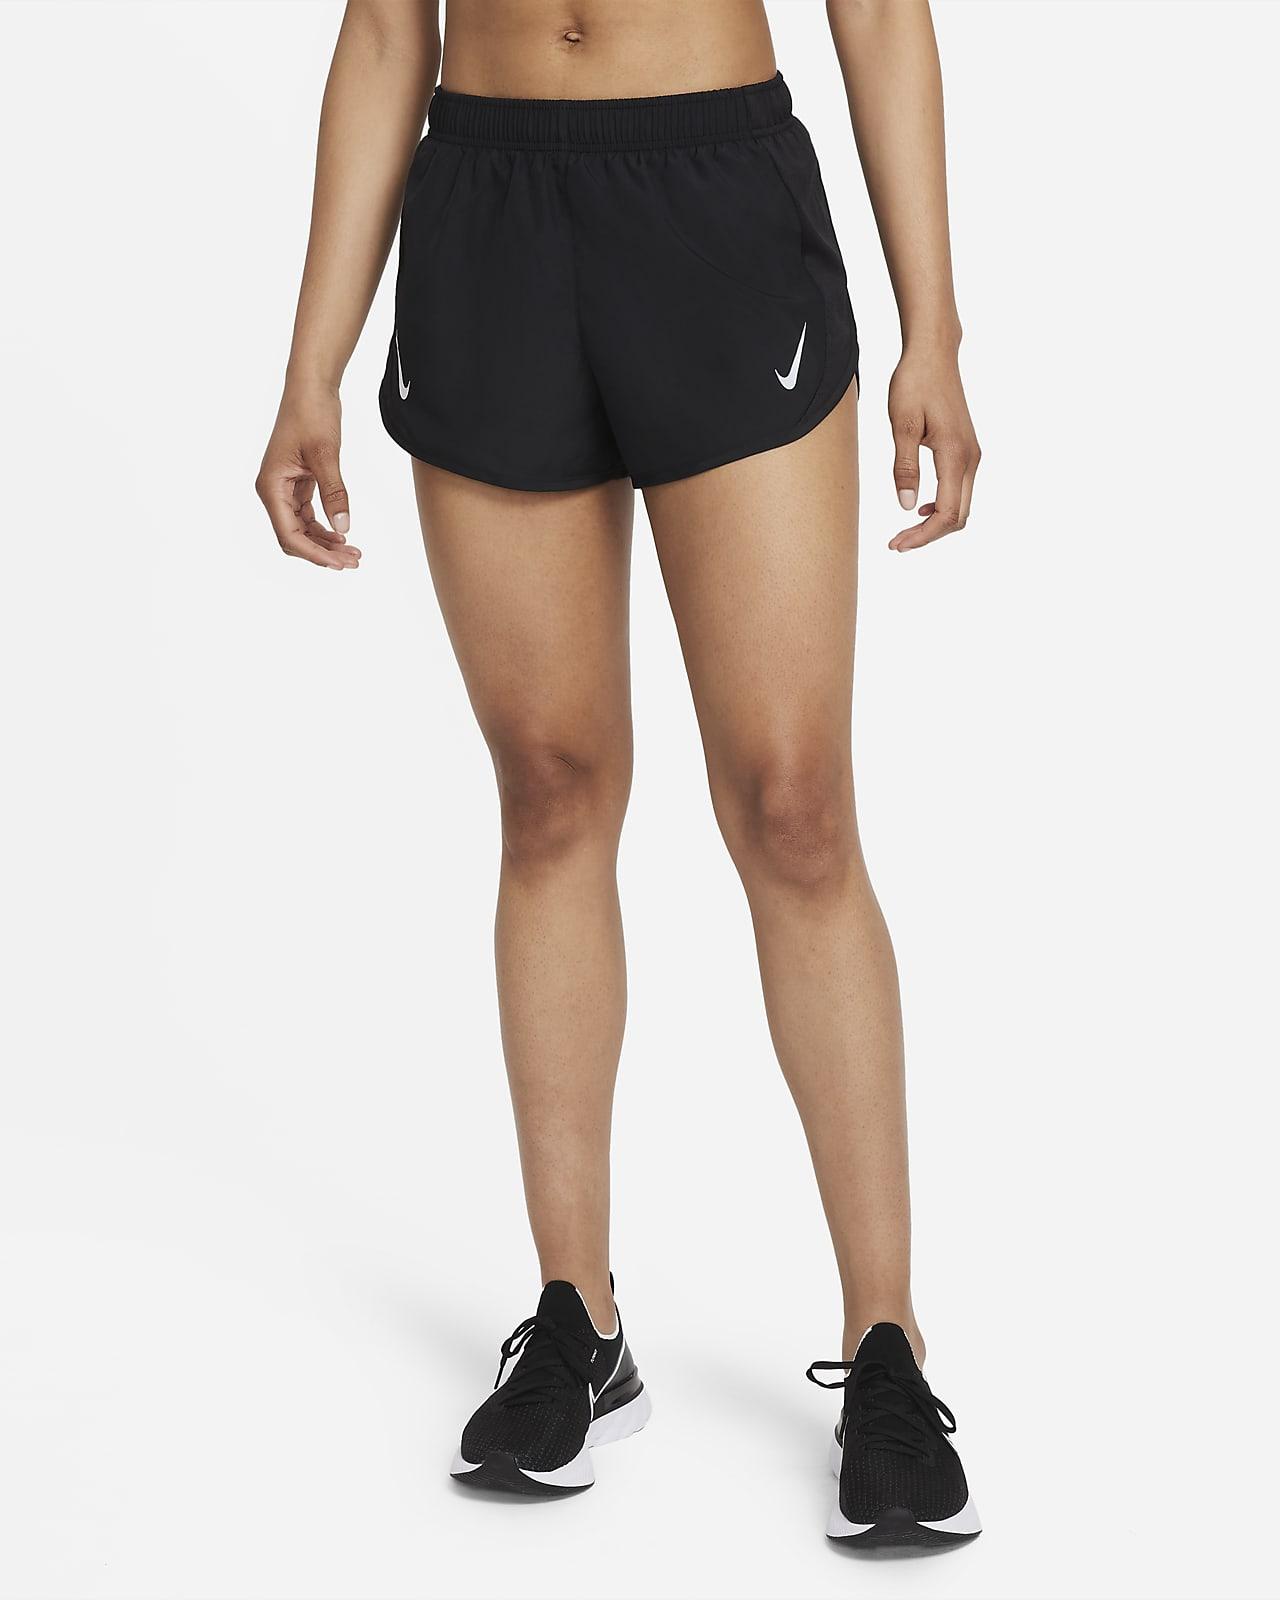 กางเกงวิ่งขาสั้นผู้หญิง Nike Dri-FIT Tempo Race